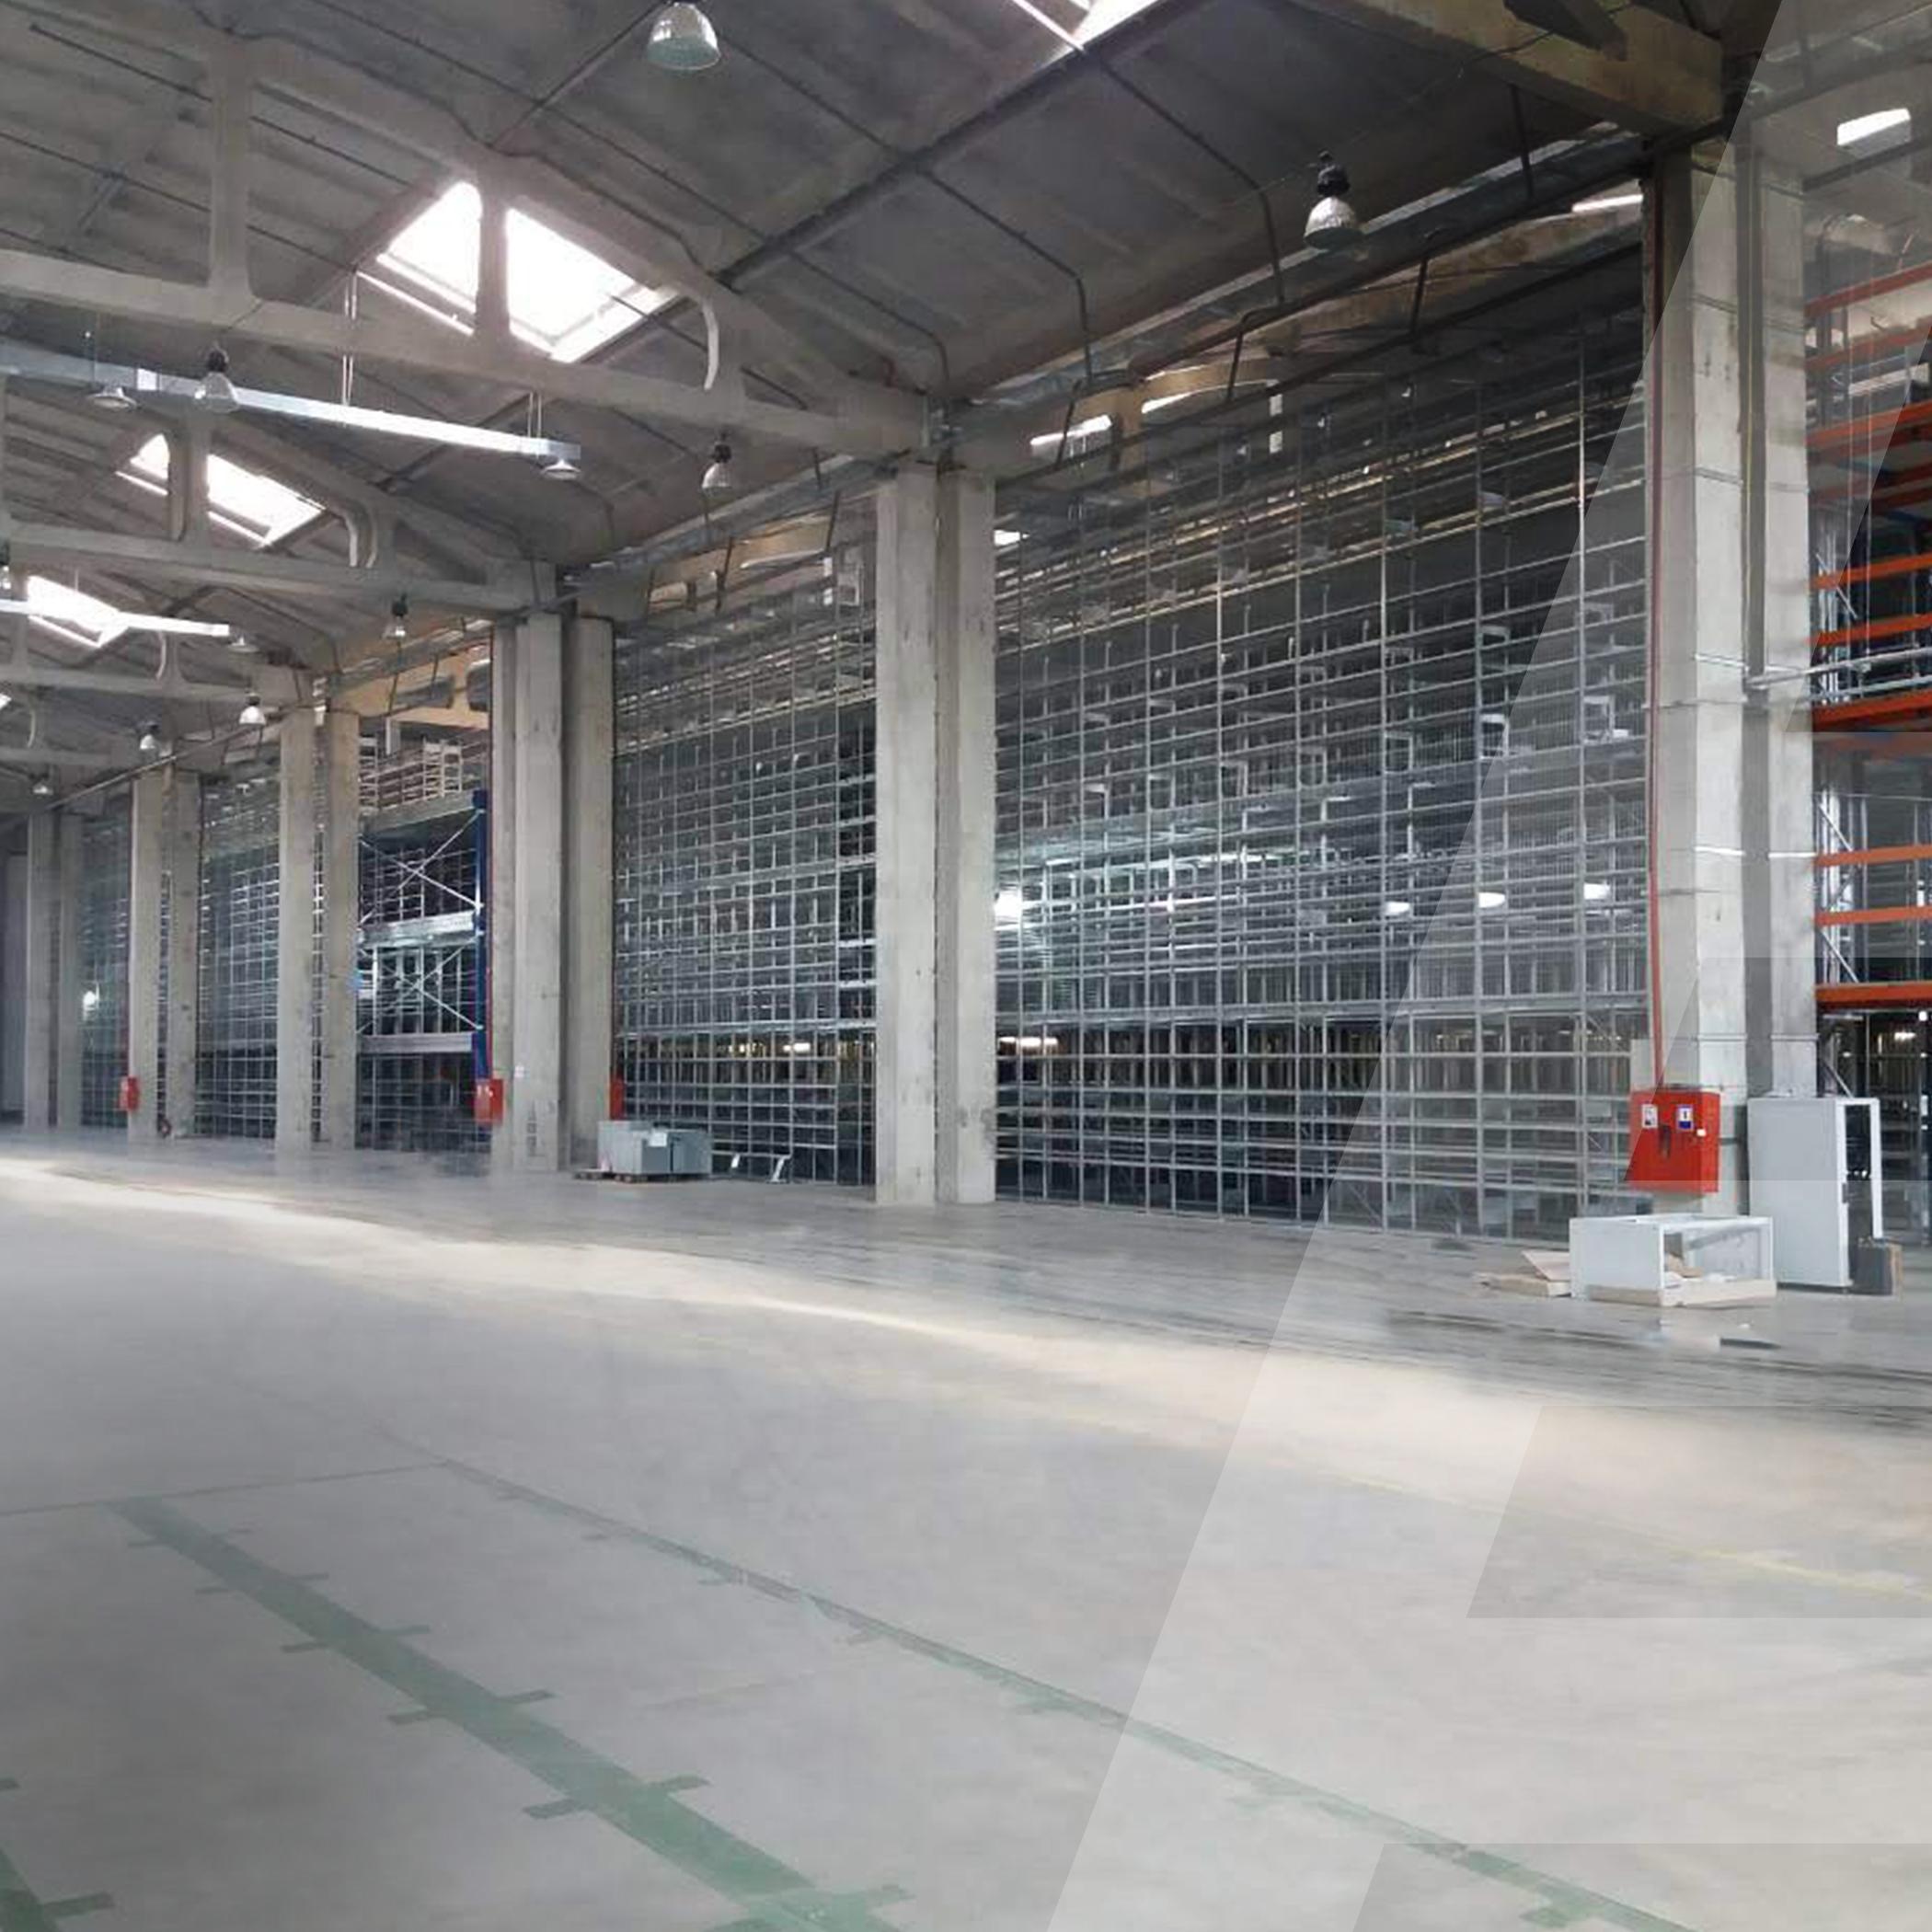 Автоматизація складу та організація ефективного зберігання 1 000 000 SKU - 3 - kapelou.com